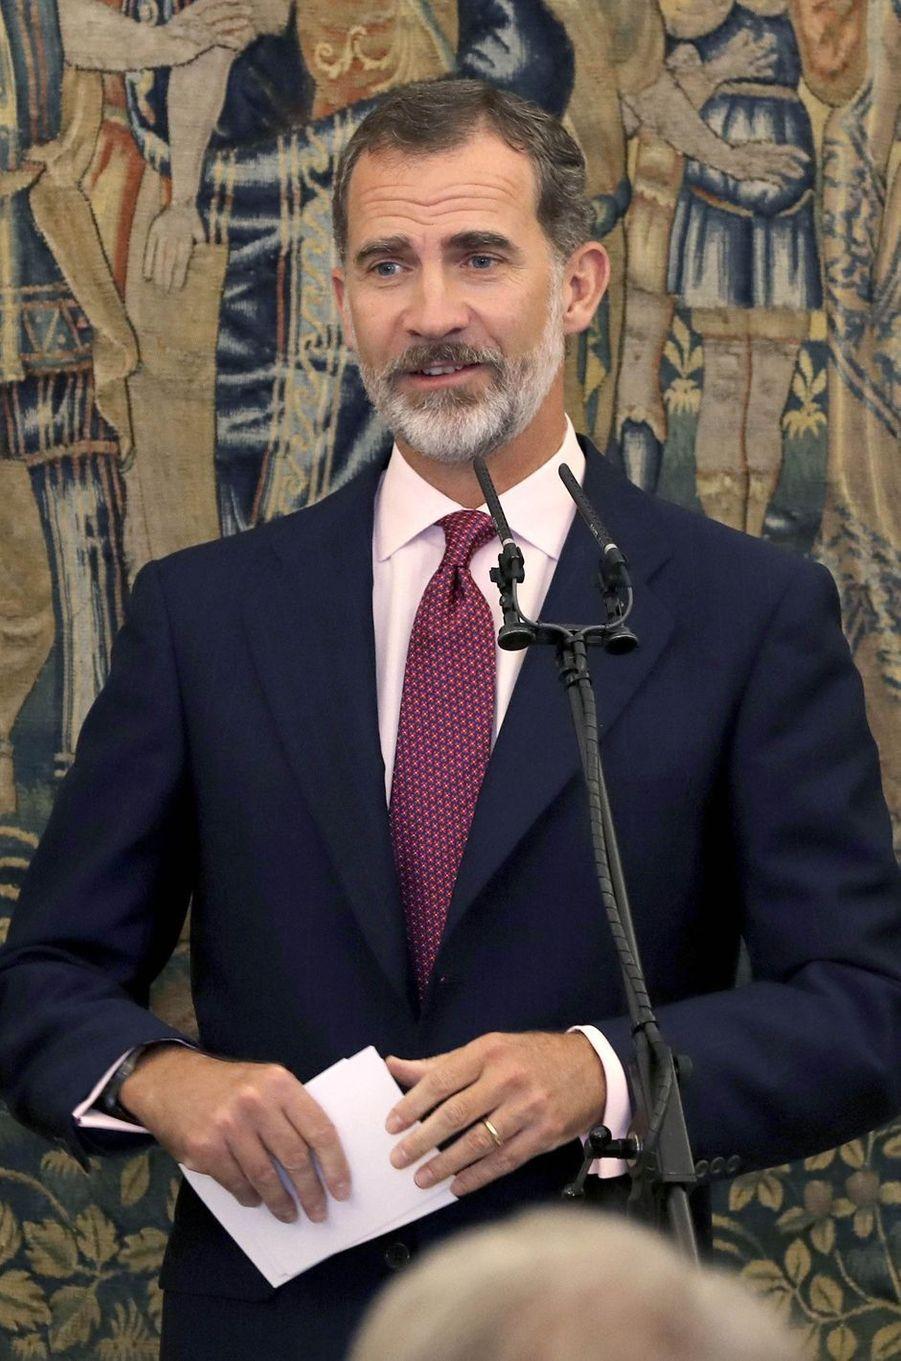 Le roi Felipe VI d'Espagne à Aranjuez, le 8 octobre 2018